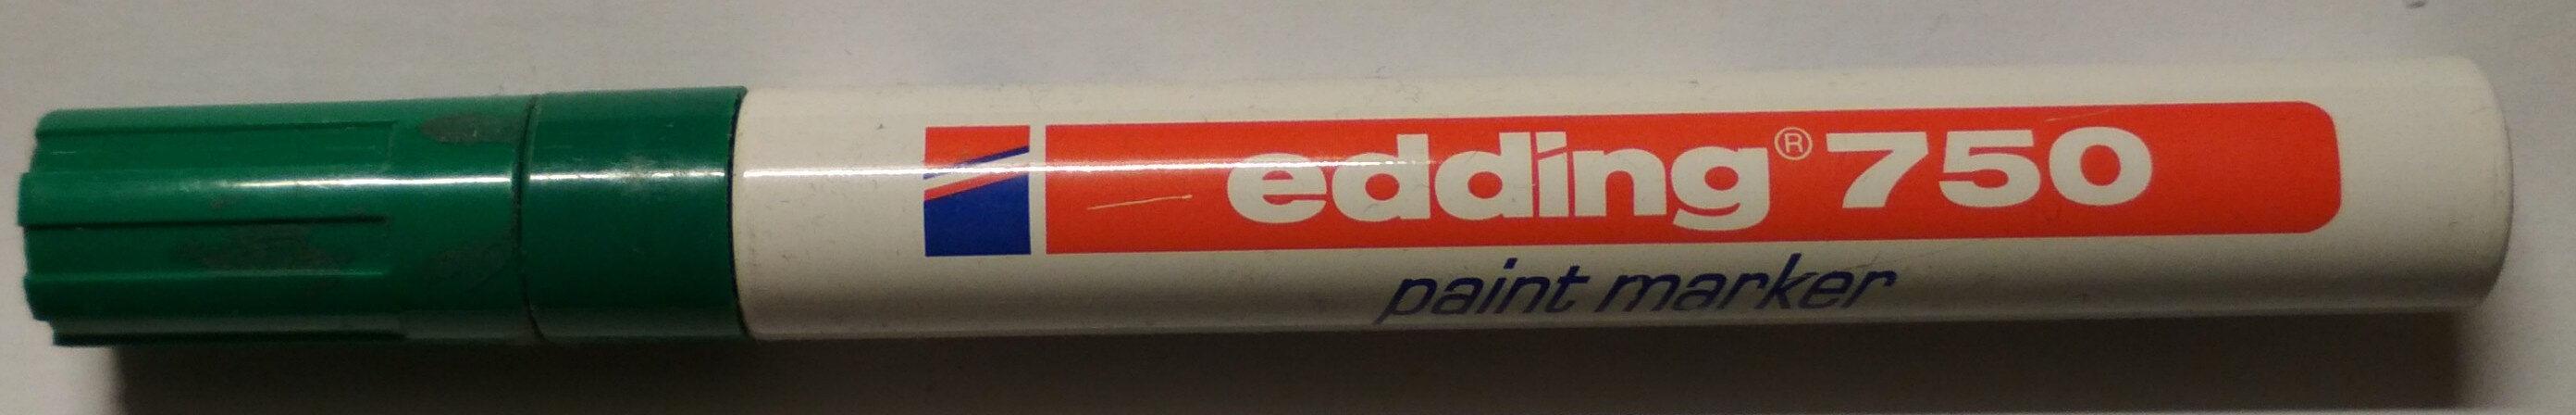 Edding 750 Paint Marker - Product - de